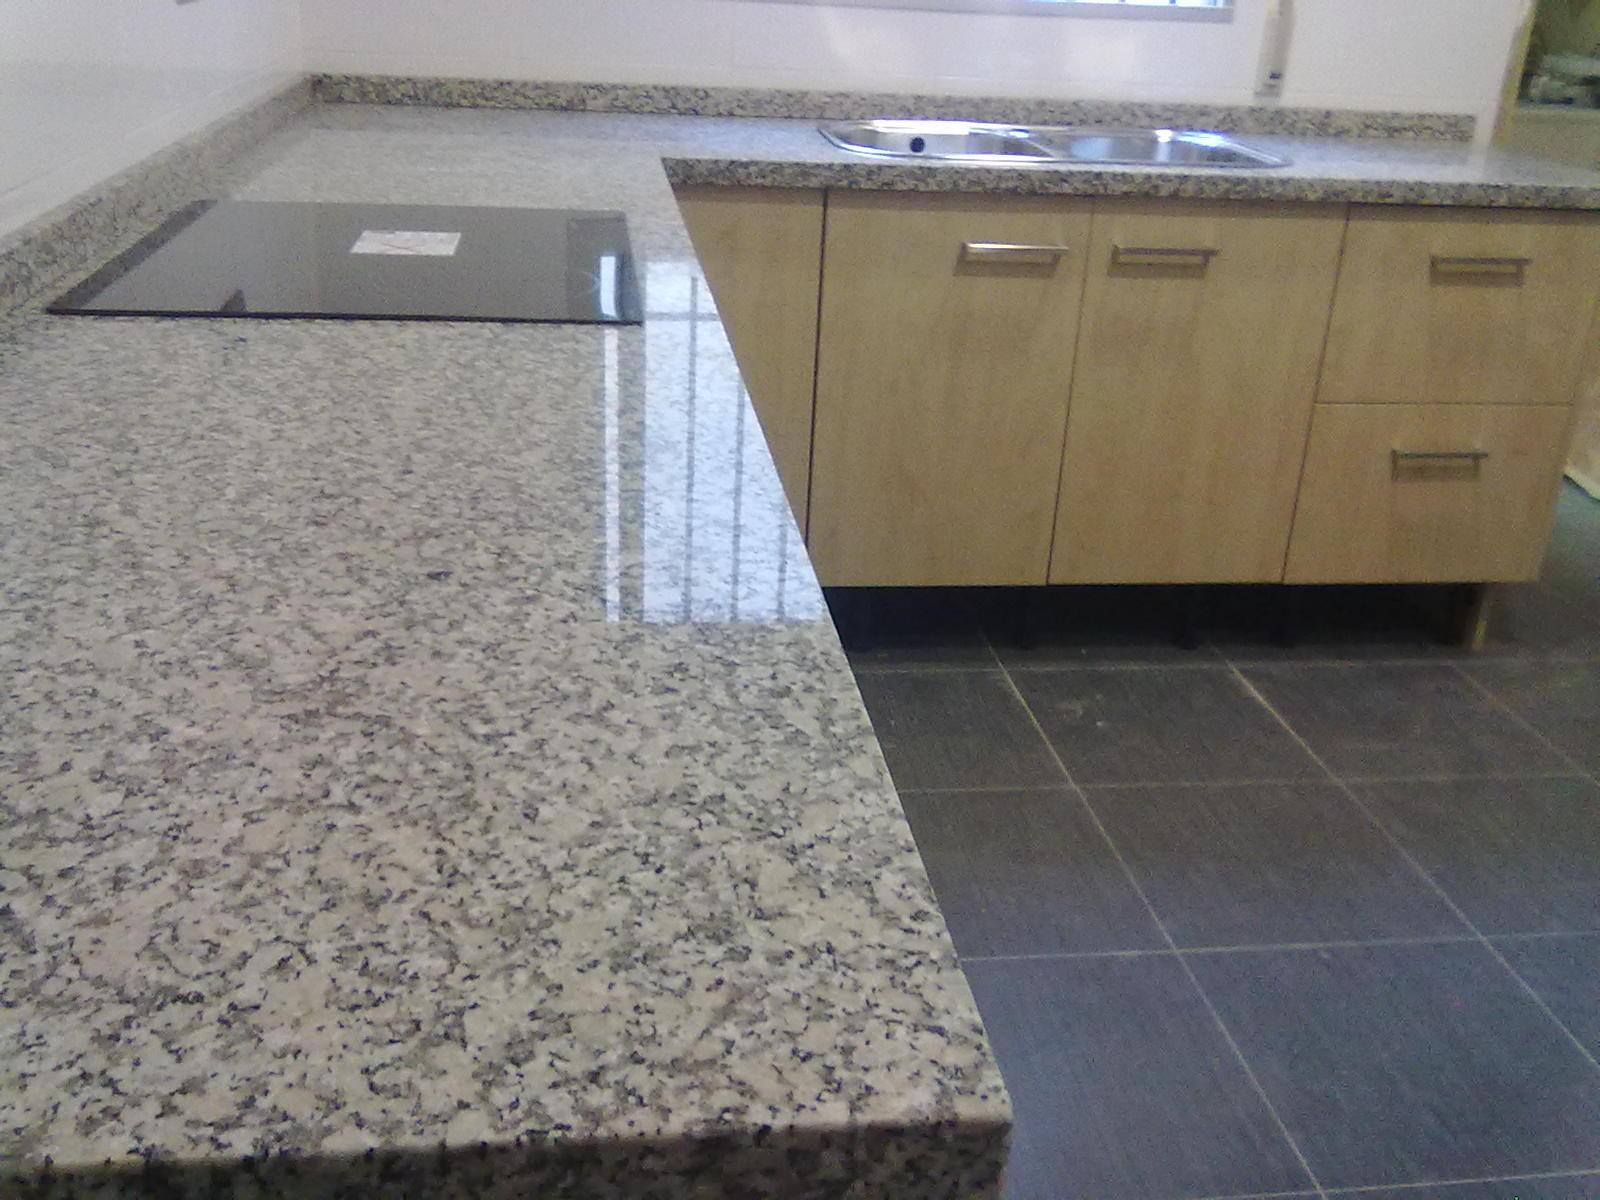 Marmoles vedat s l u encimera granito nacional mondariz for Colores de encimeras de granito para cocinas